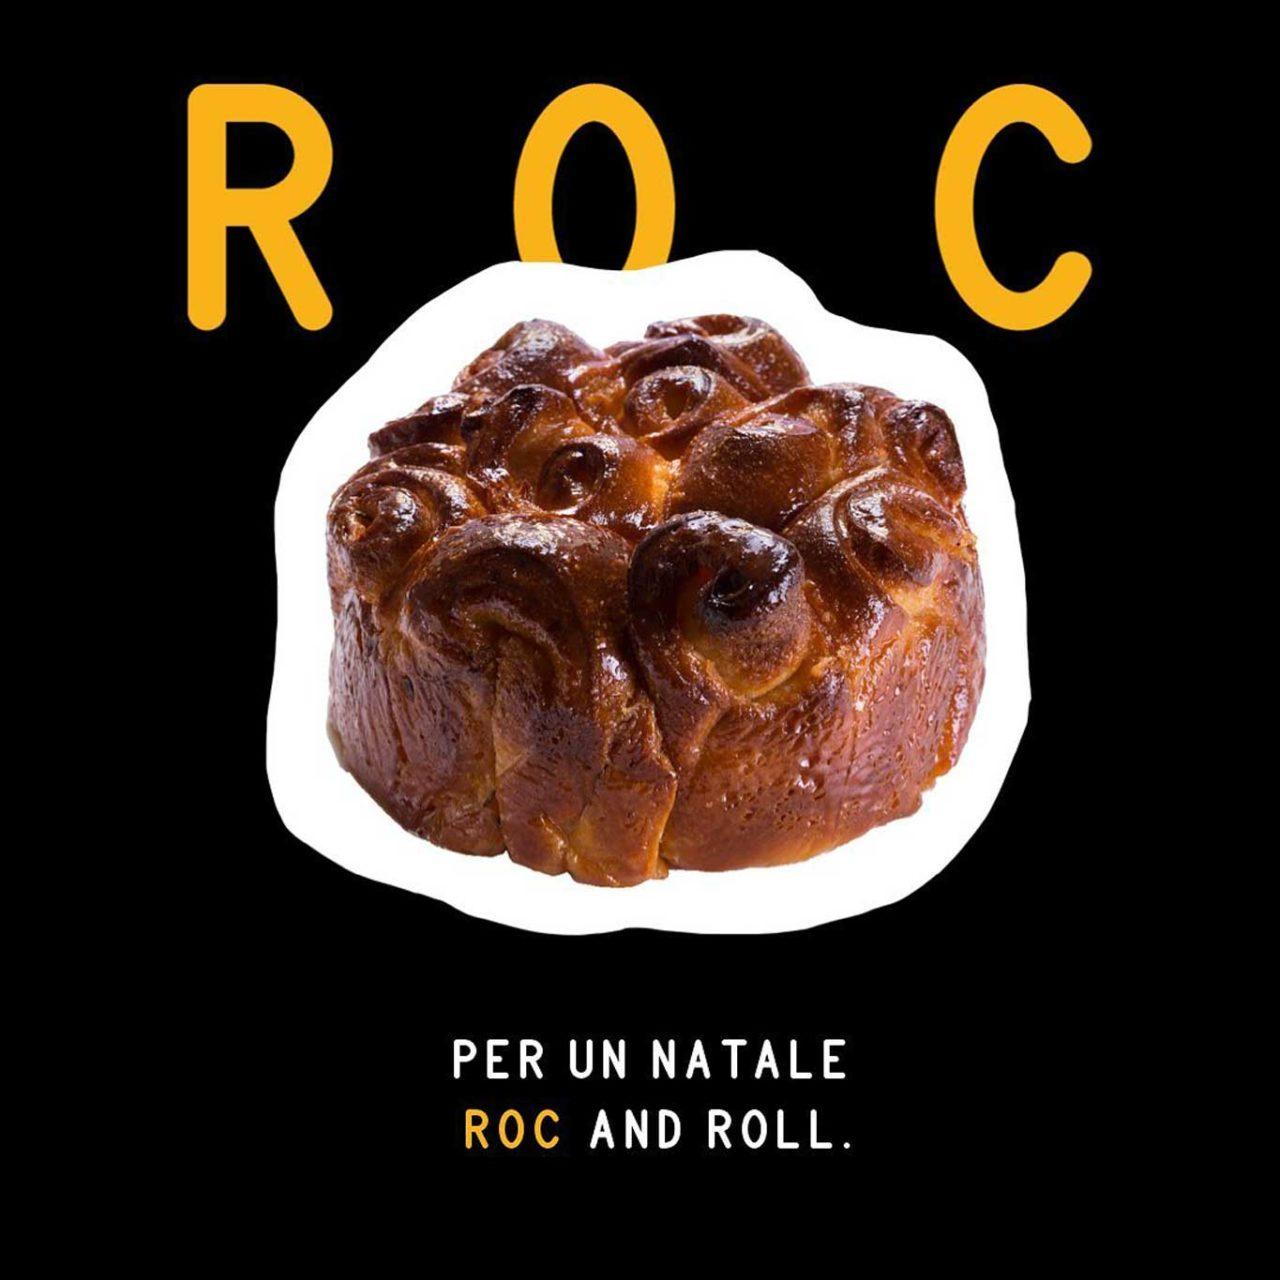 roc perdomo gastronomia